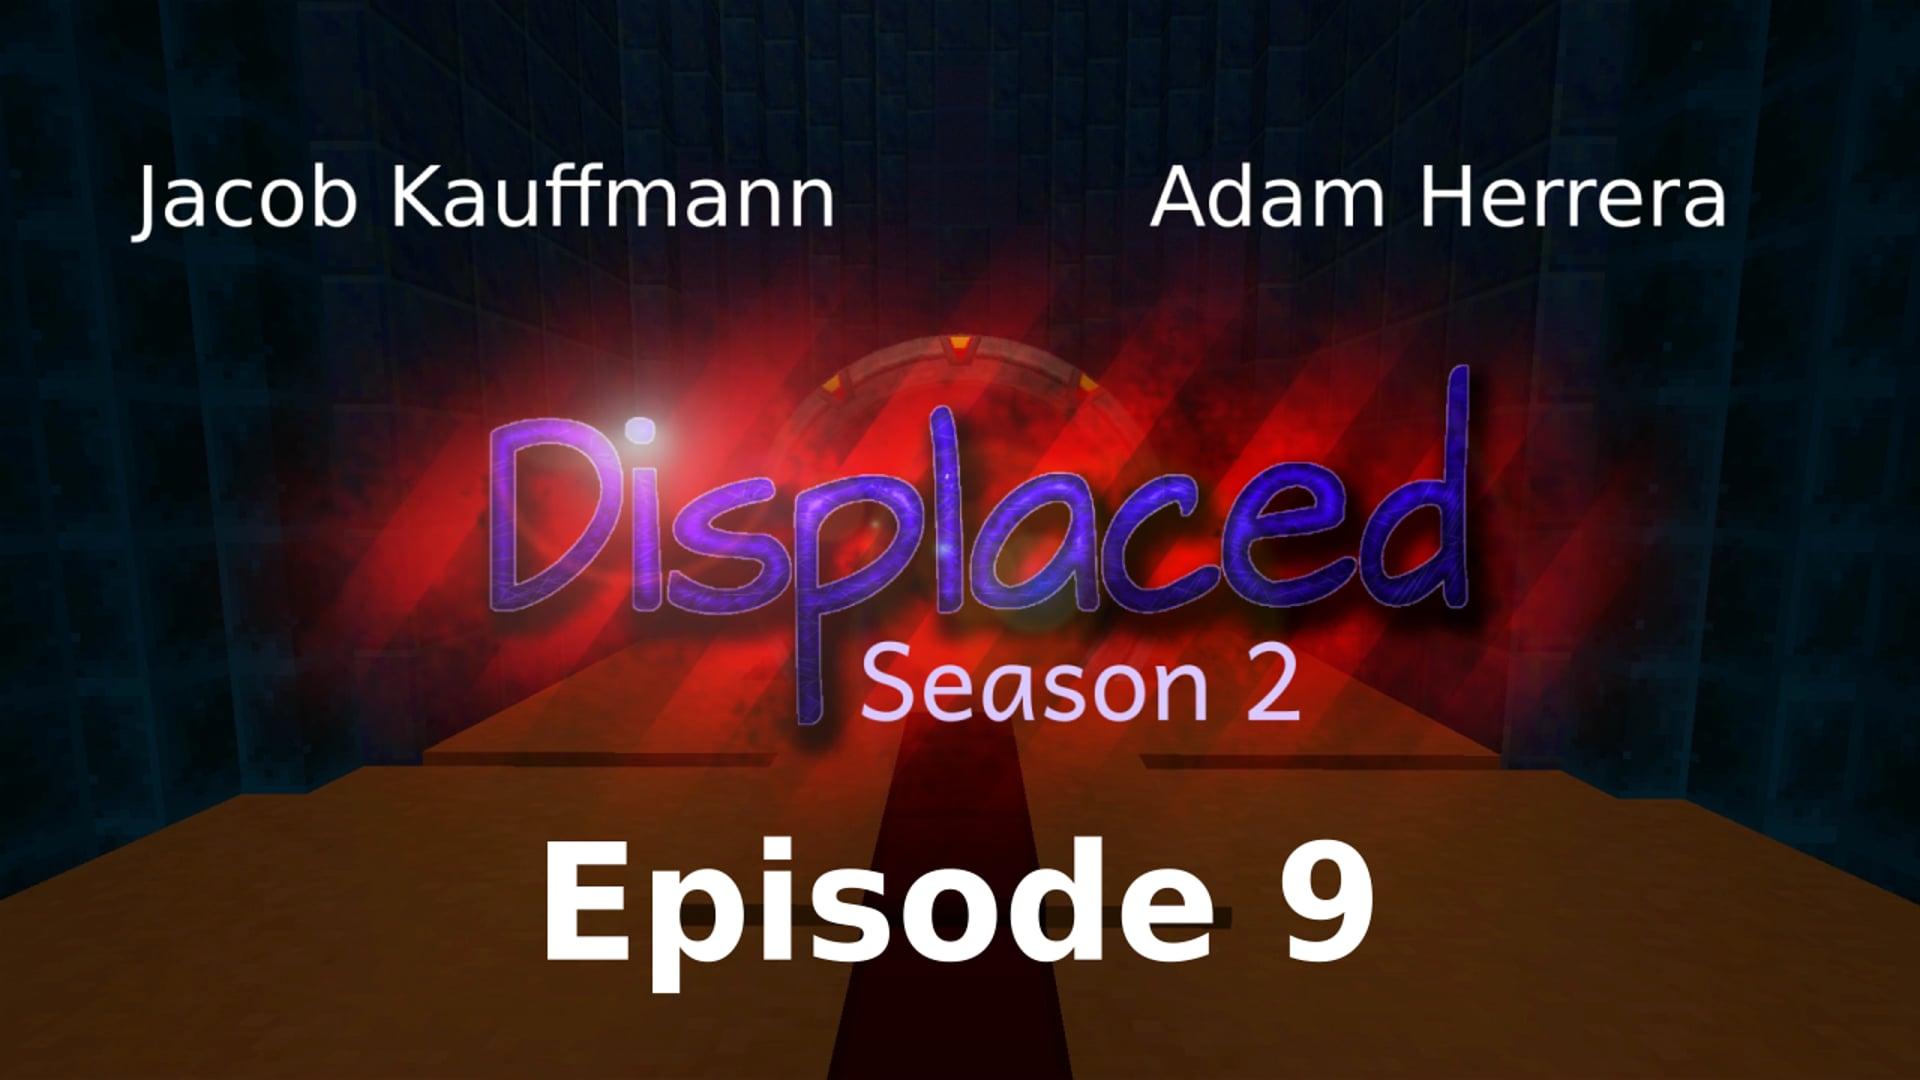 Episode 9 - Displaced: Season 2